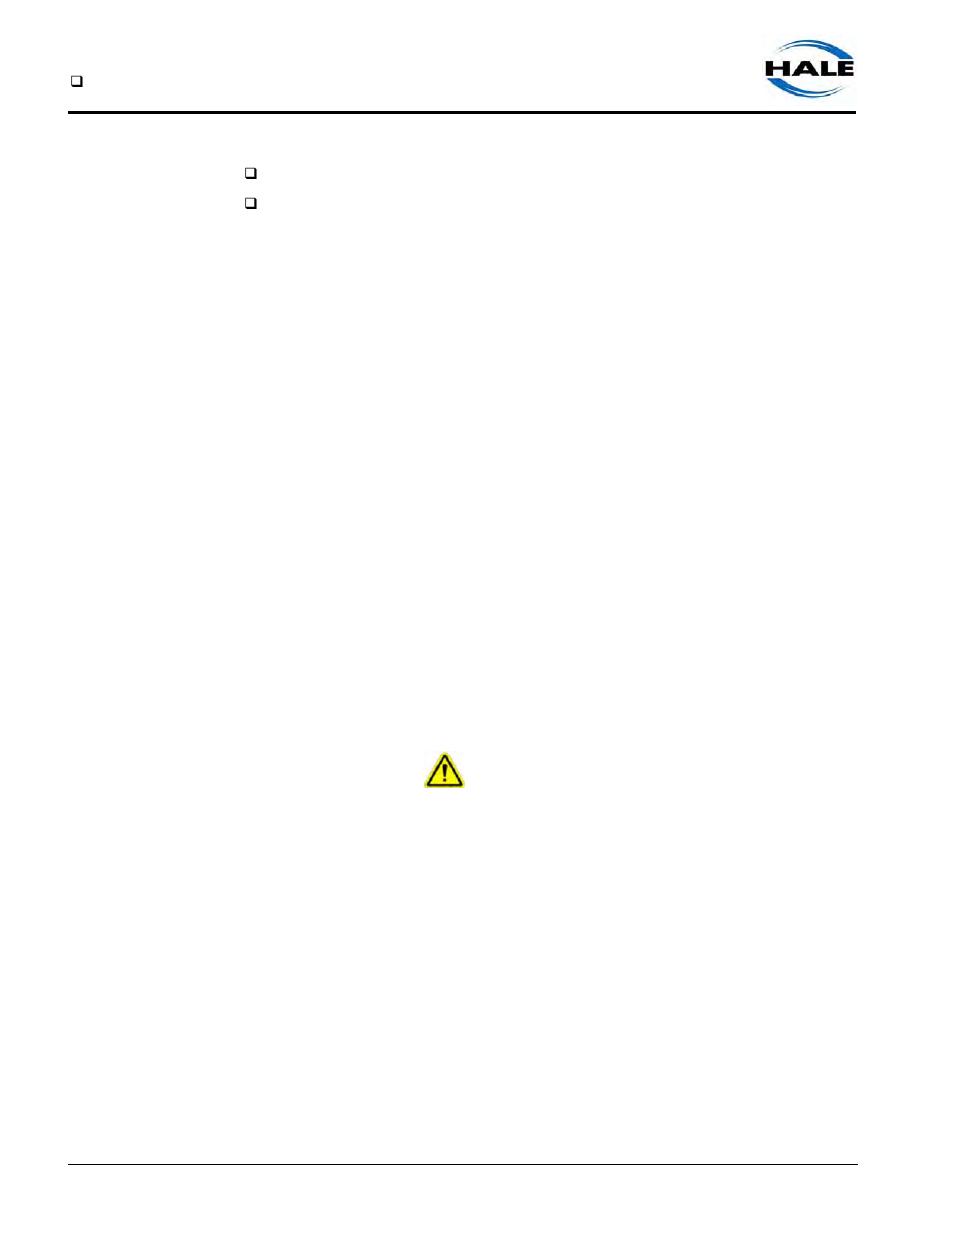 Valves Maintenance Manuals International Dt466 Fuel Shut Off Solenoid Wiring Schematic Array Priming System Test Pump Shift Warning Lights Valve Rh Manualsdir Com